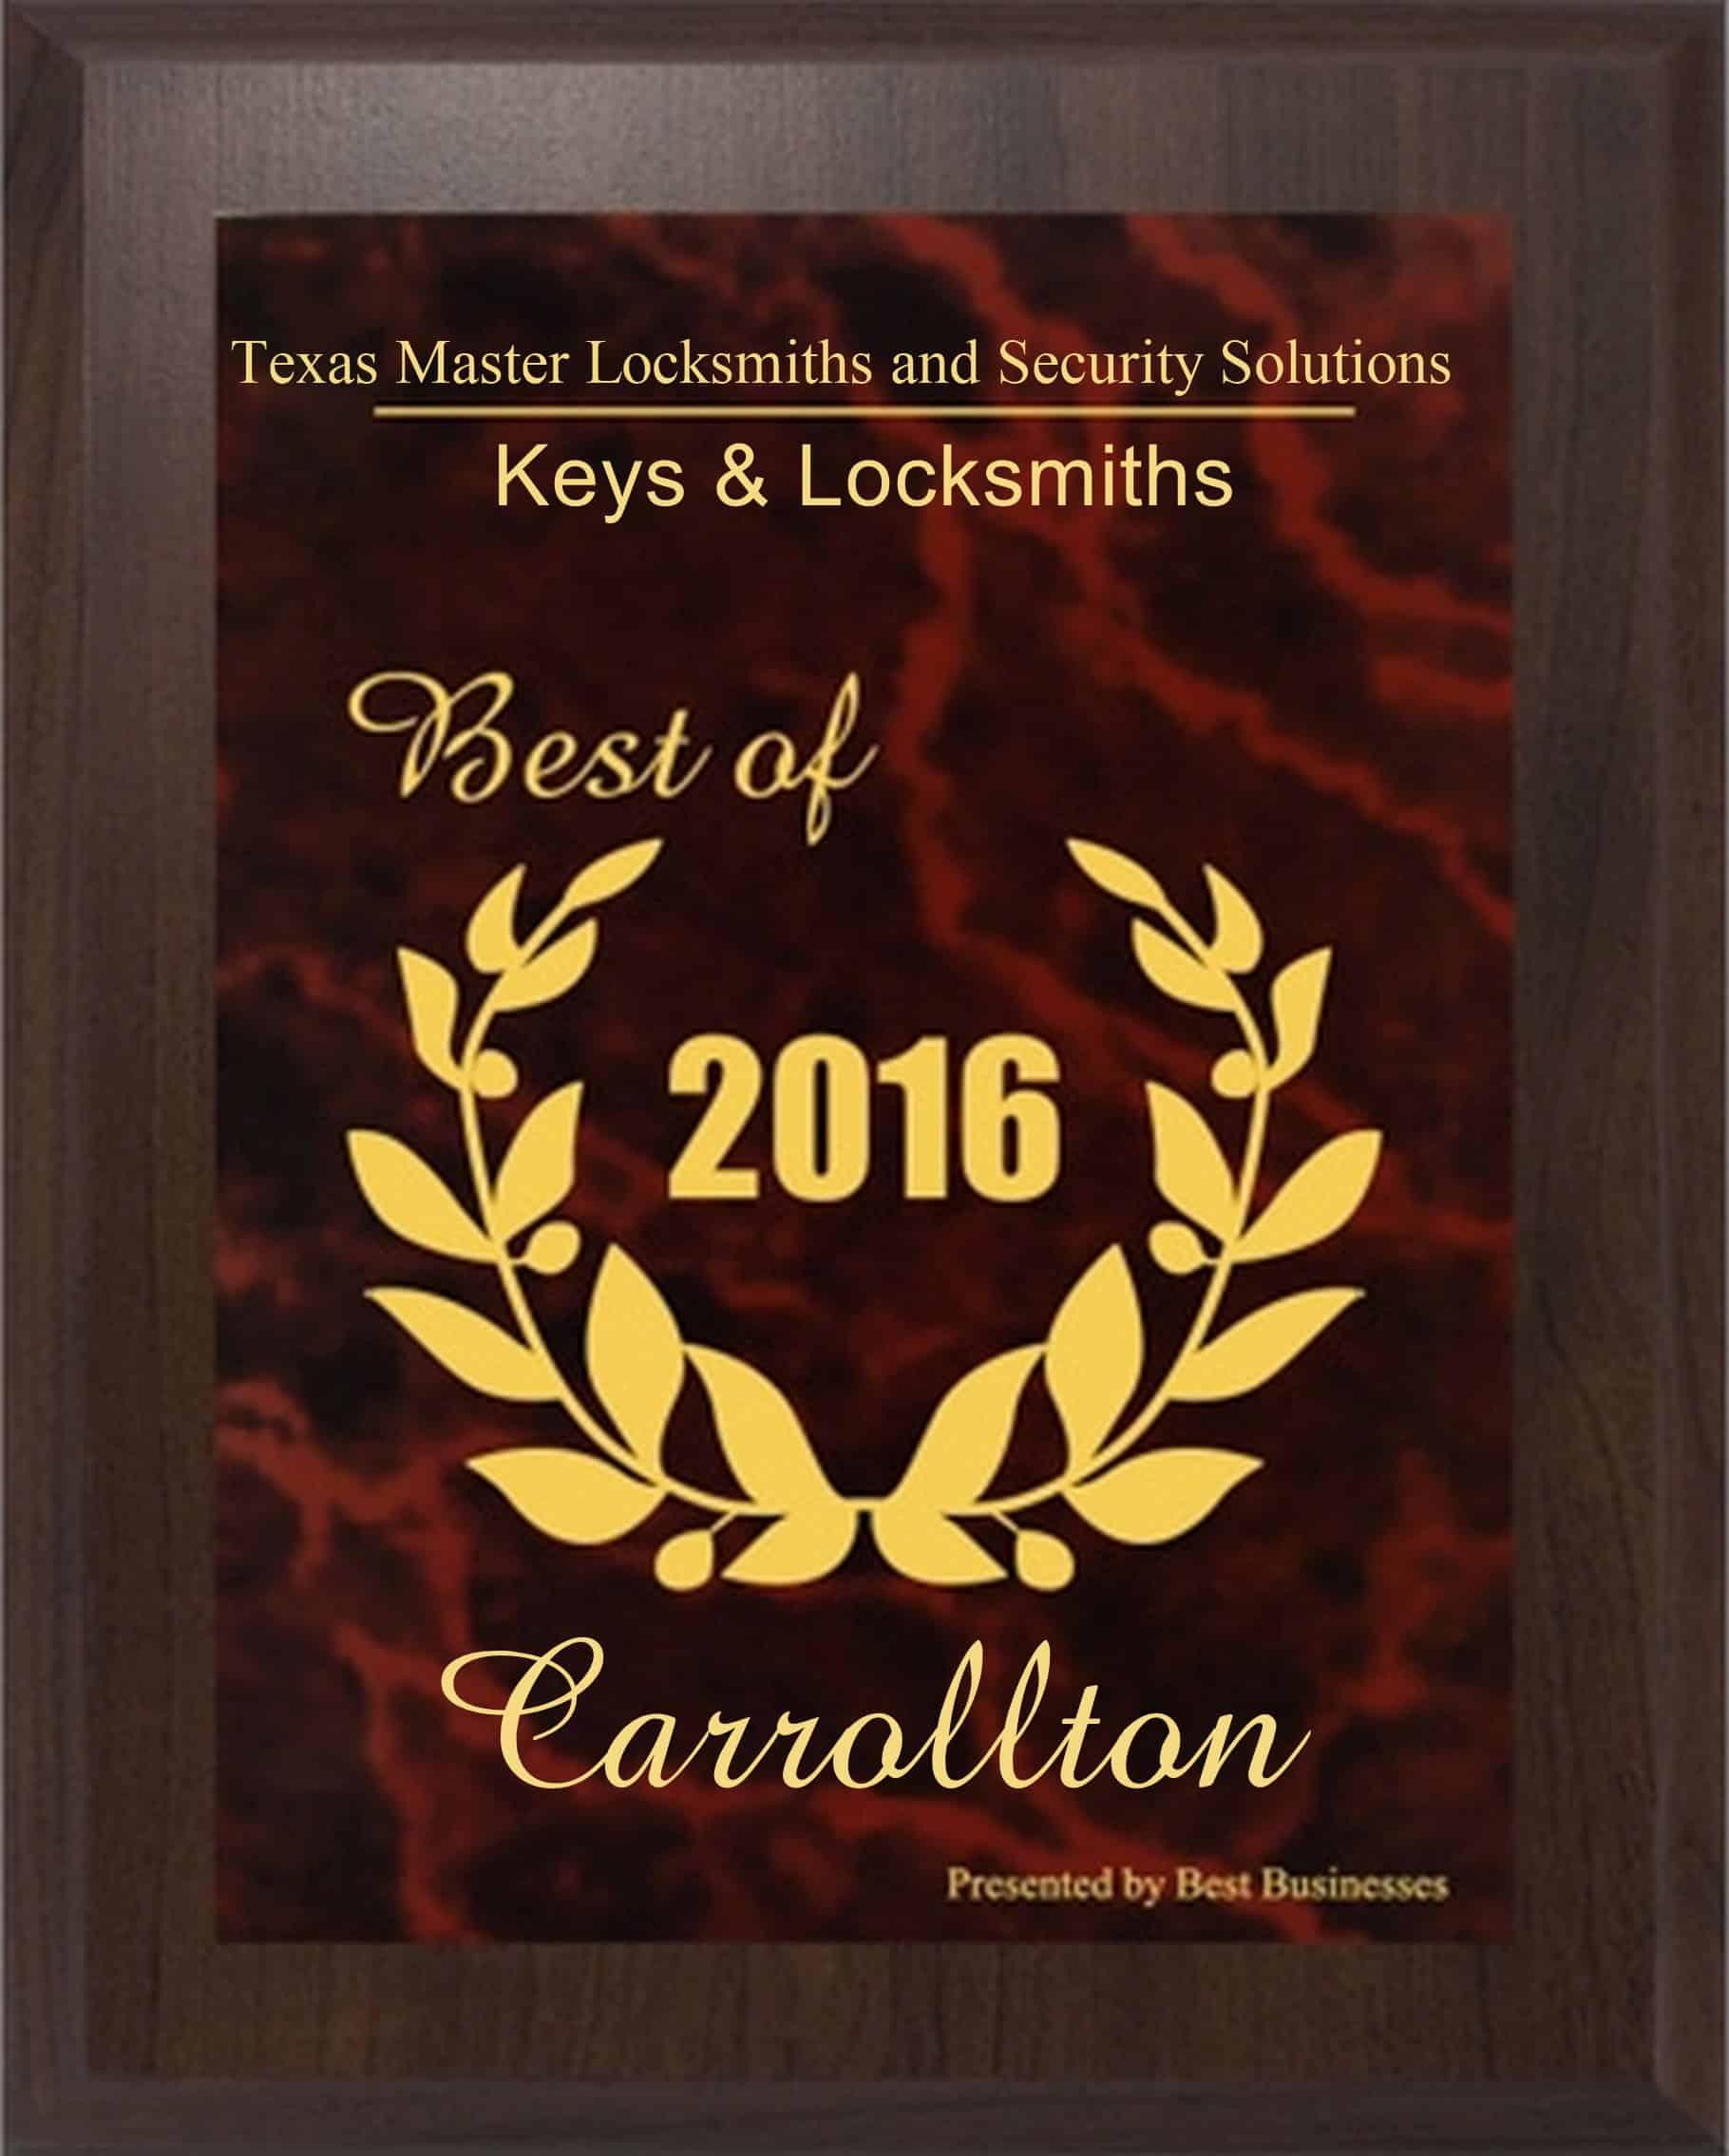 Carrollton tx Best in Business 2016